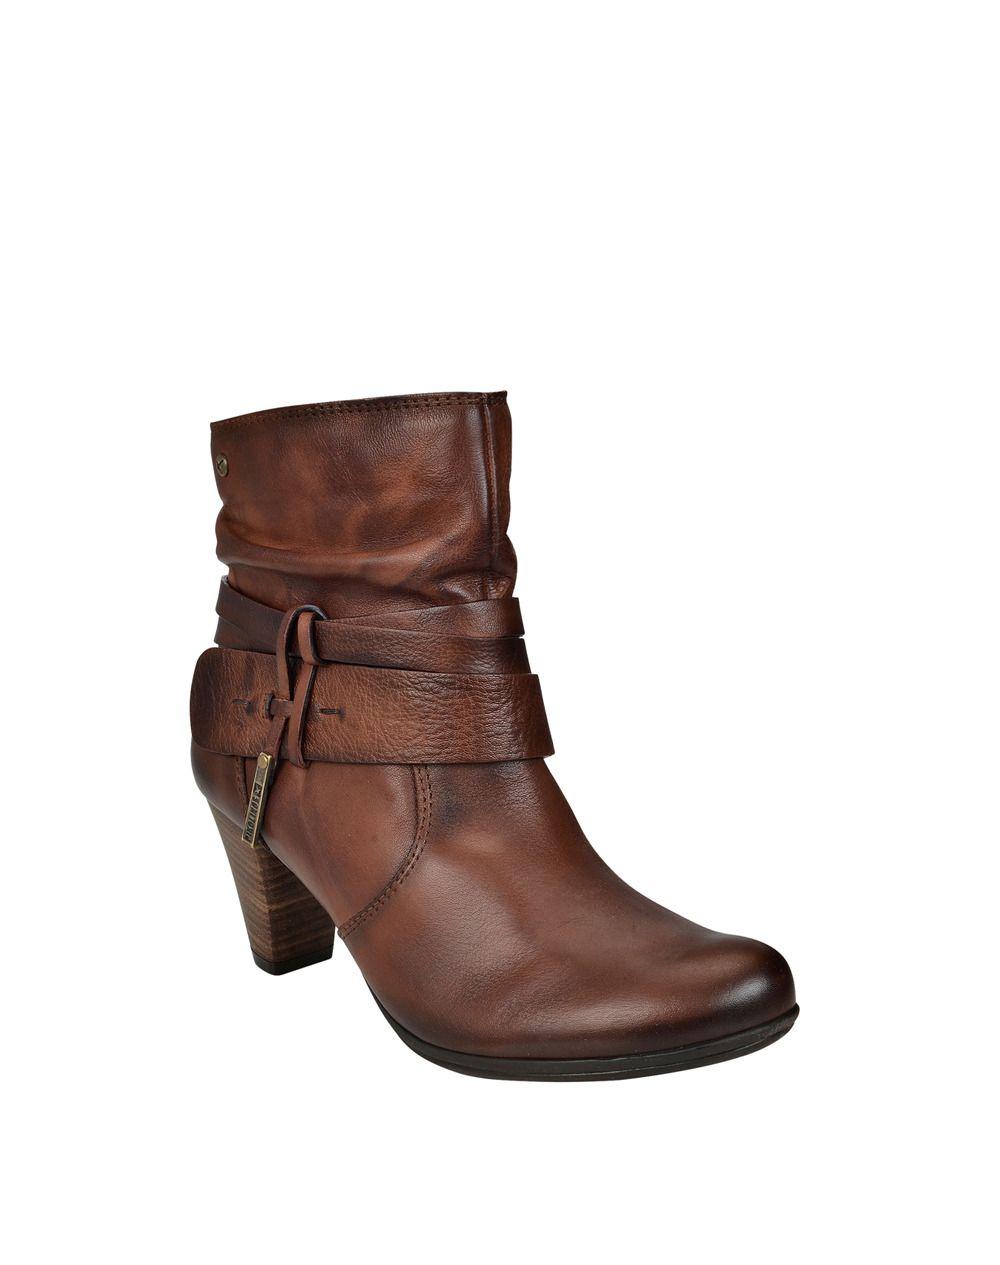 fd996ef4d67 Botas de mujer Pikolinos - Mujer - Zapatos - El Corte Inglés - Moda ...